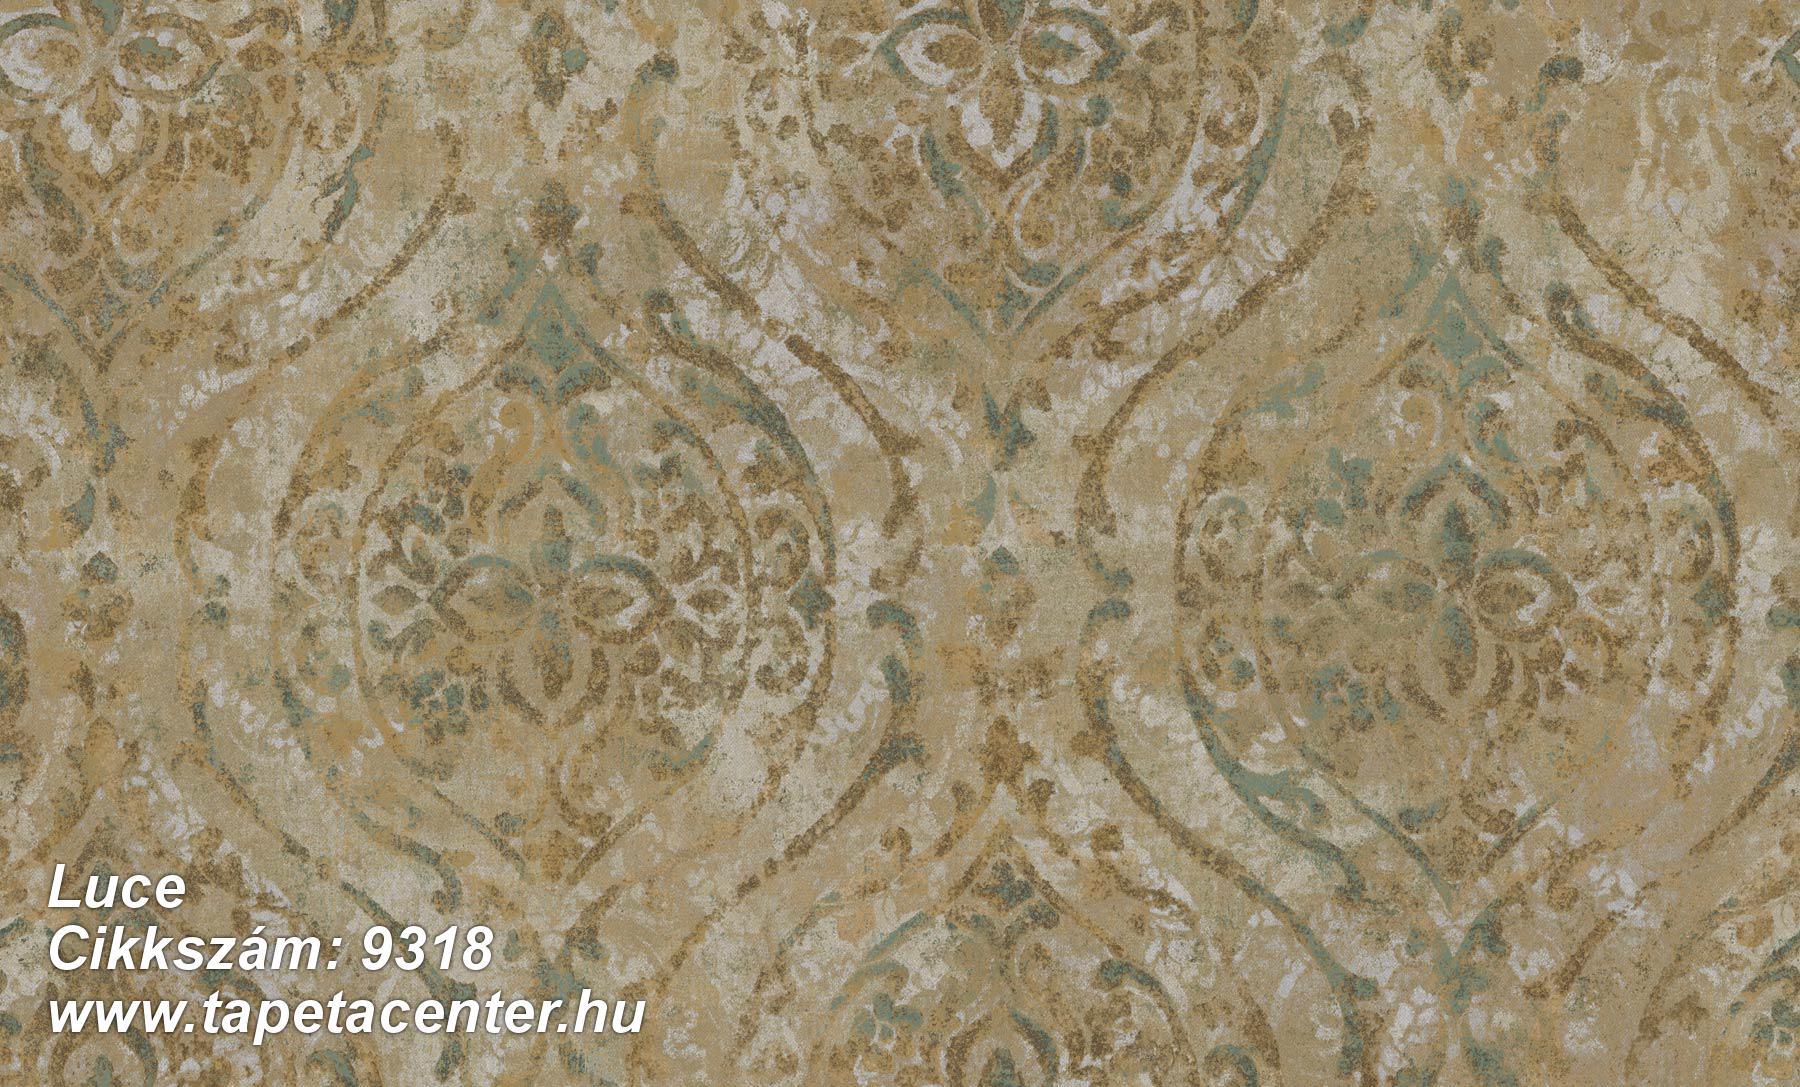 Barokk-klasszikus,különleges felületű,különleges motívumos,arany,barna,kék,zöld,súrolható,vlies tapéta